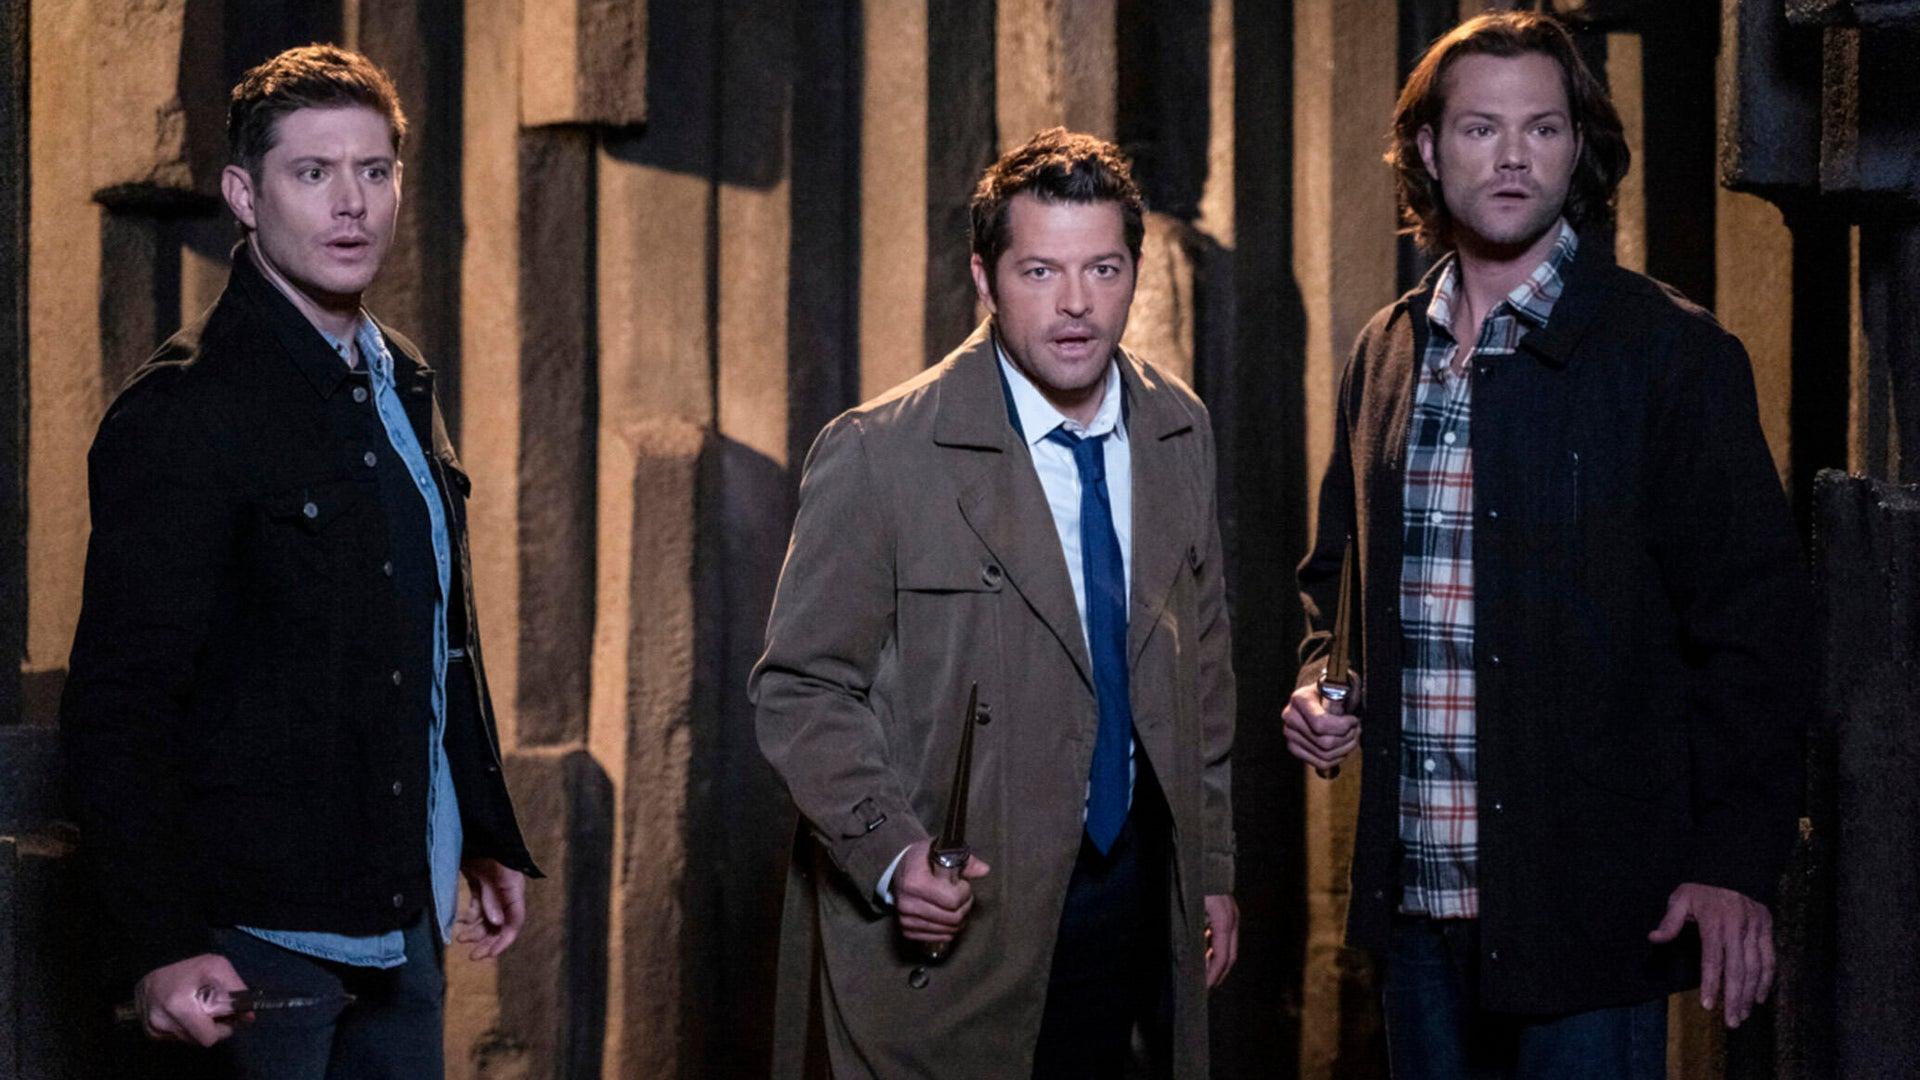 Jensen Ackles, Misha Collins, and Jared Padalecki, Supernatural